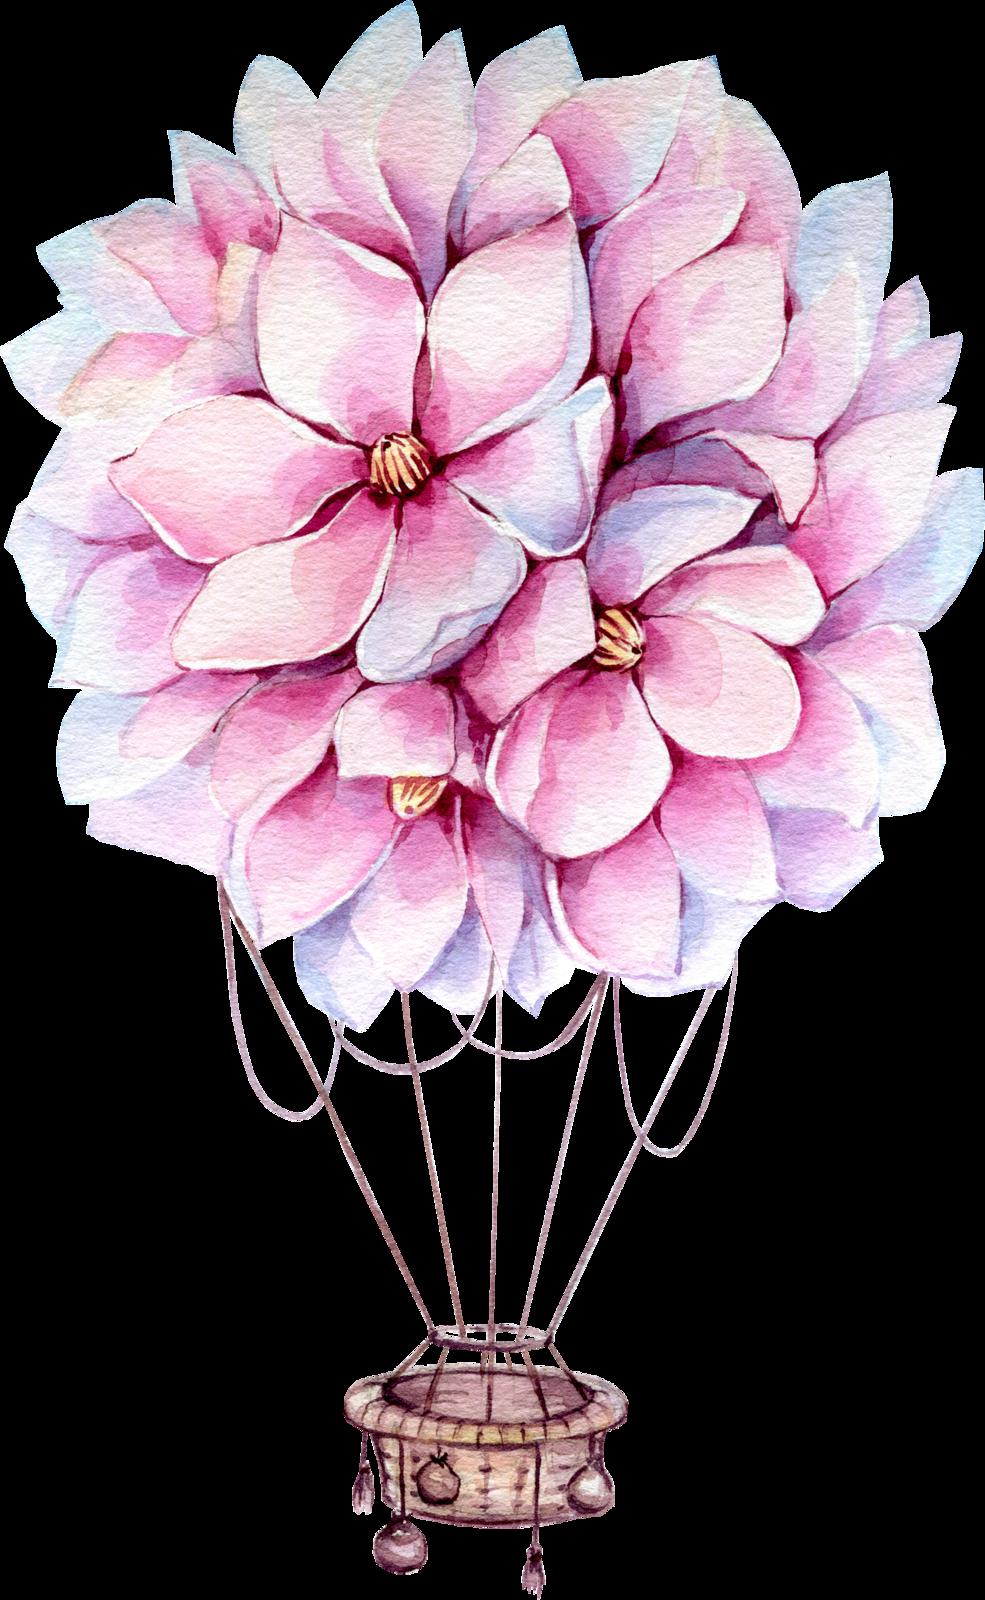 hot air baloon.png | Цветочные иллюстрации, Художественная ...